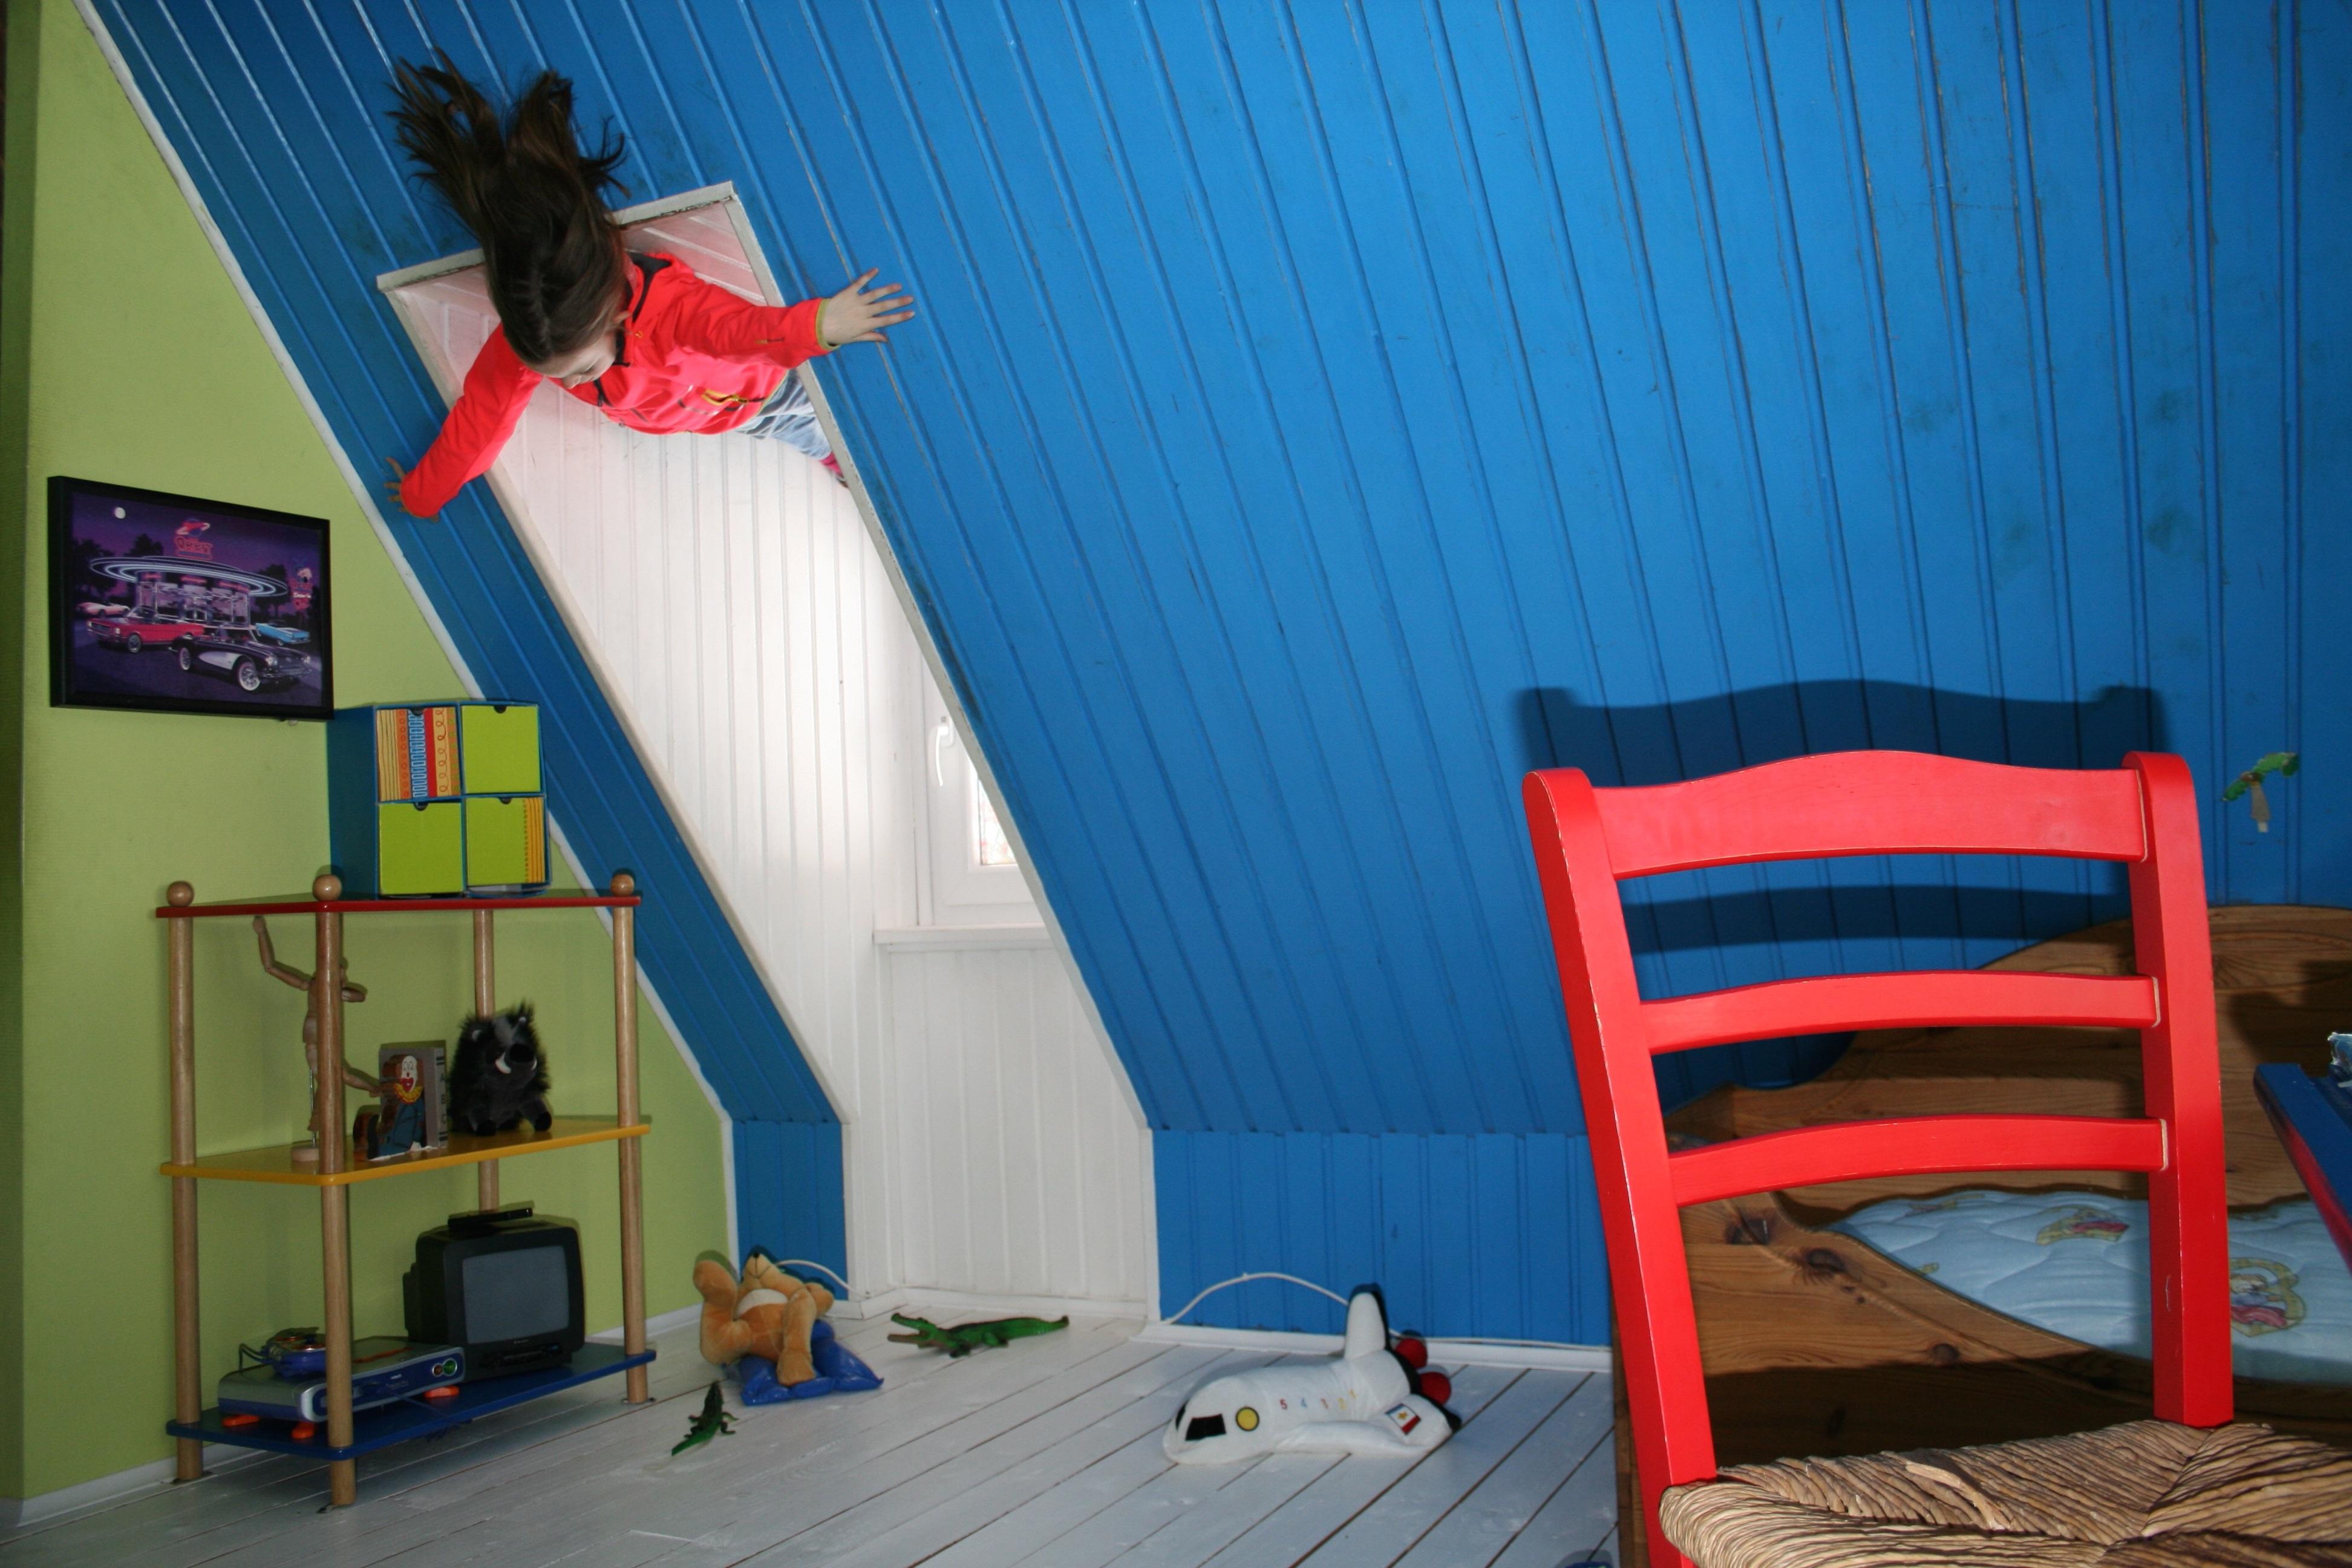 Fotos Gratis Jugar Silla Casa Pared Color Ni 241 O